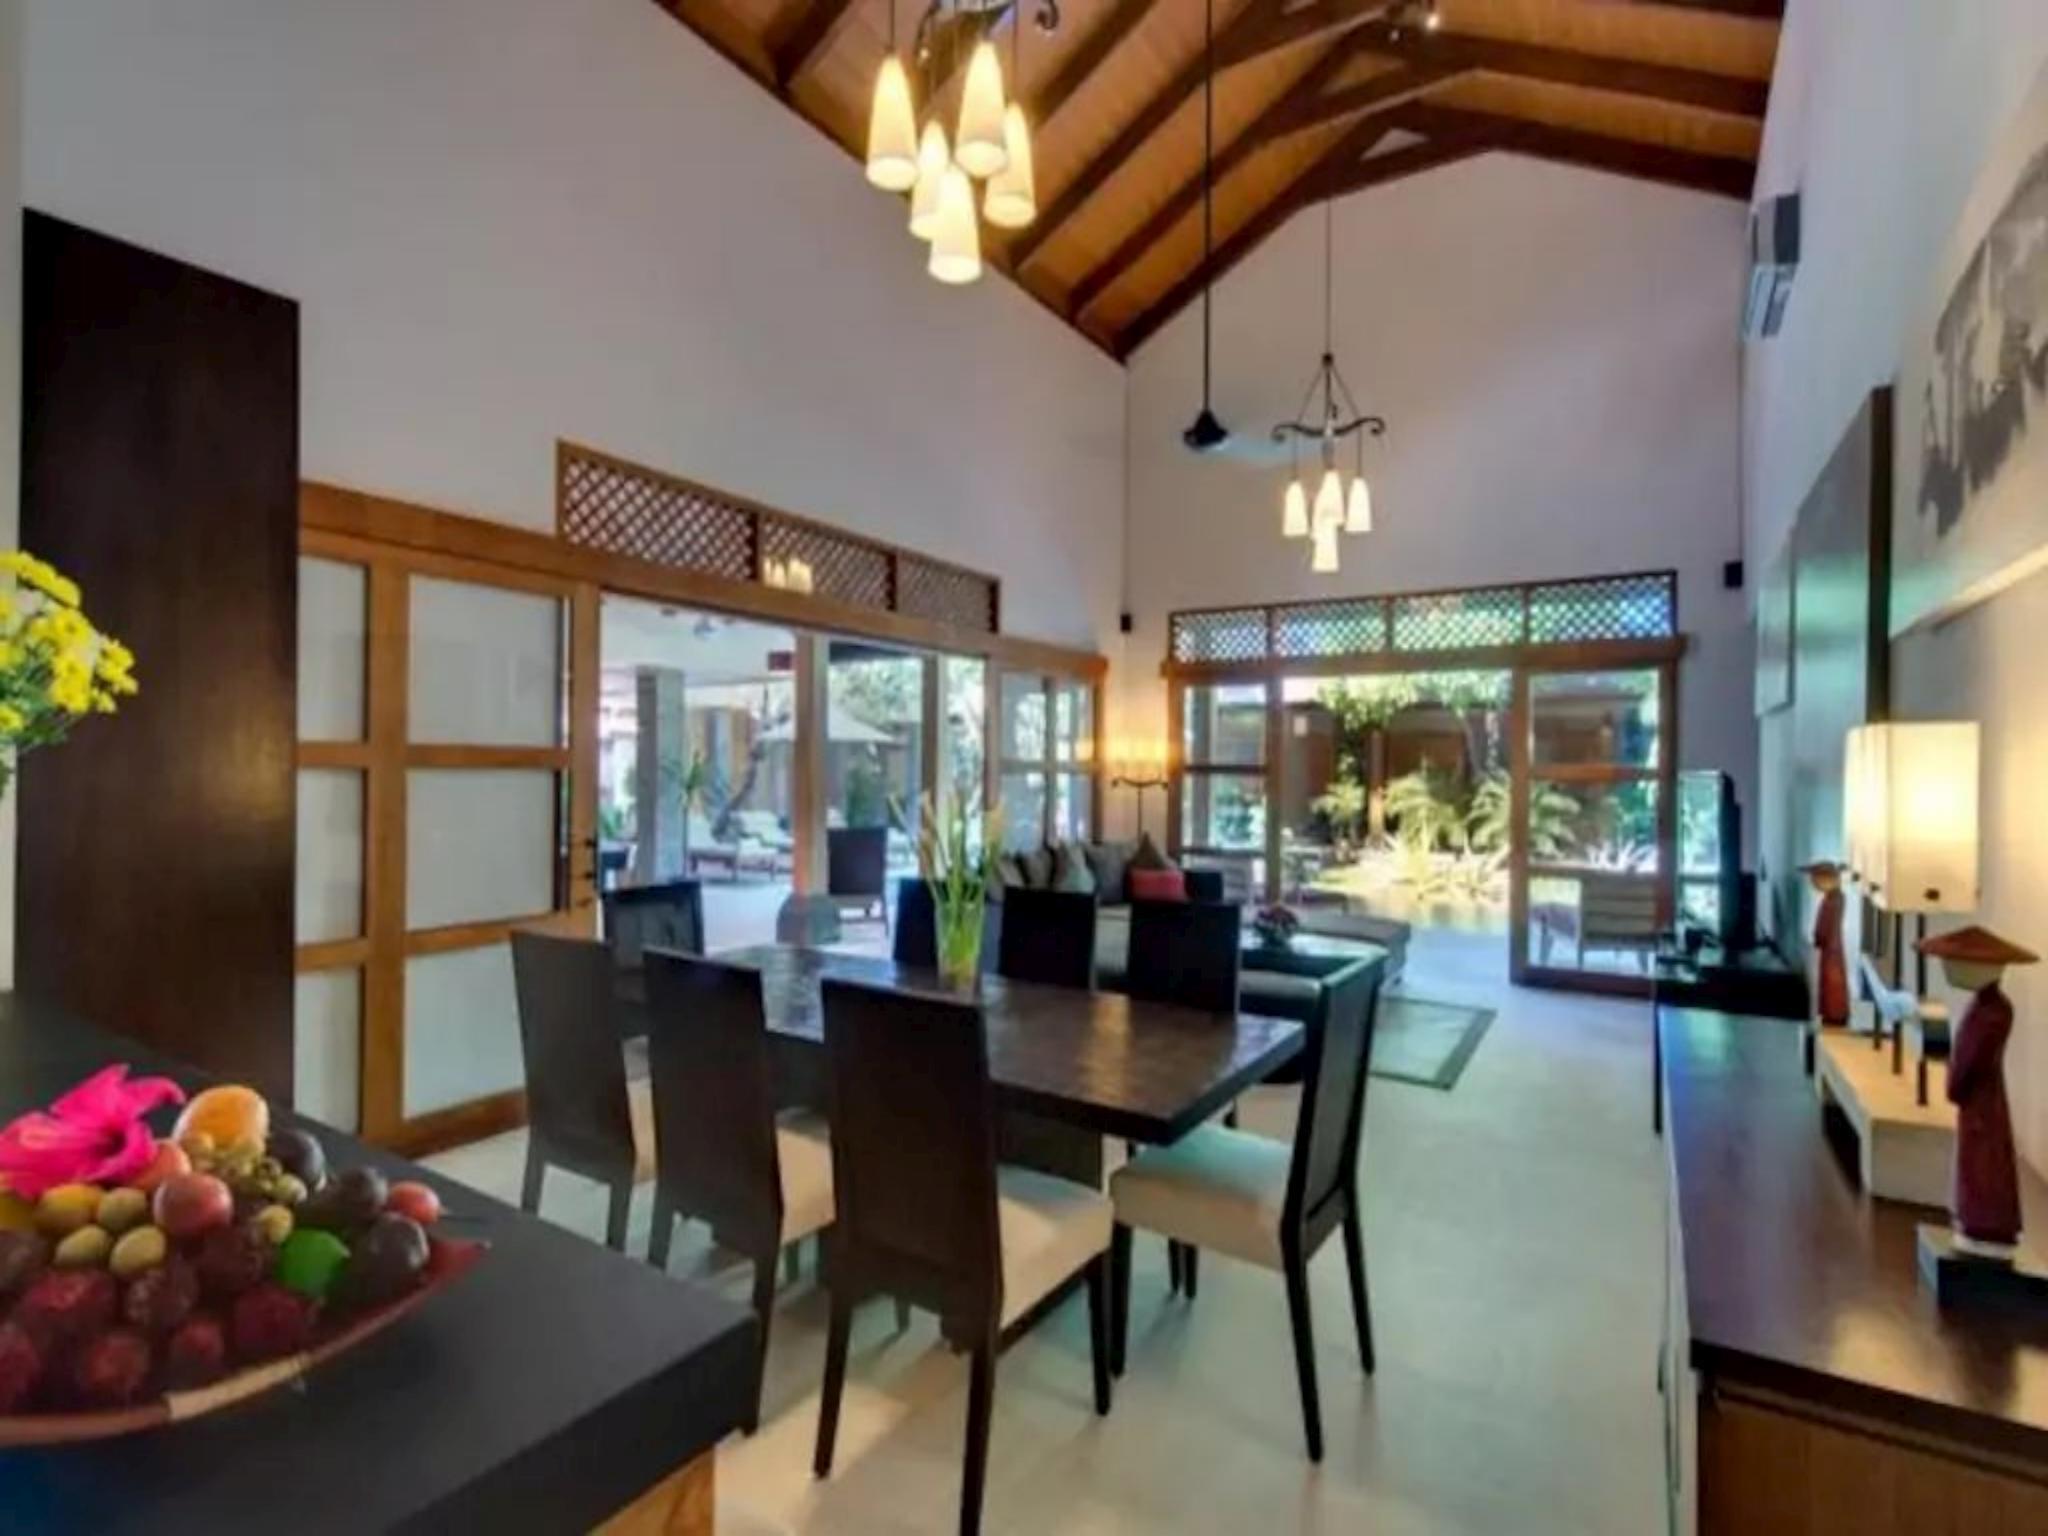 4 BDR Kinaree Villa Private Pool at Seminyak